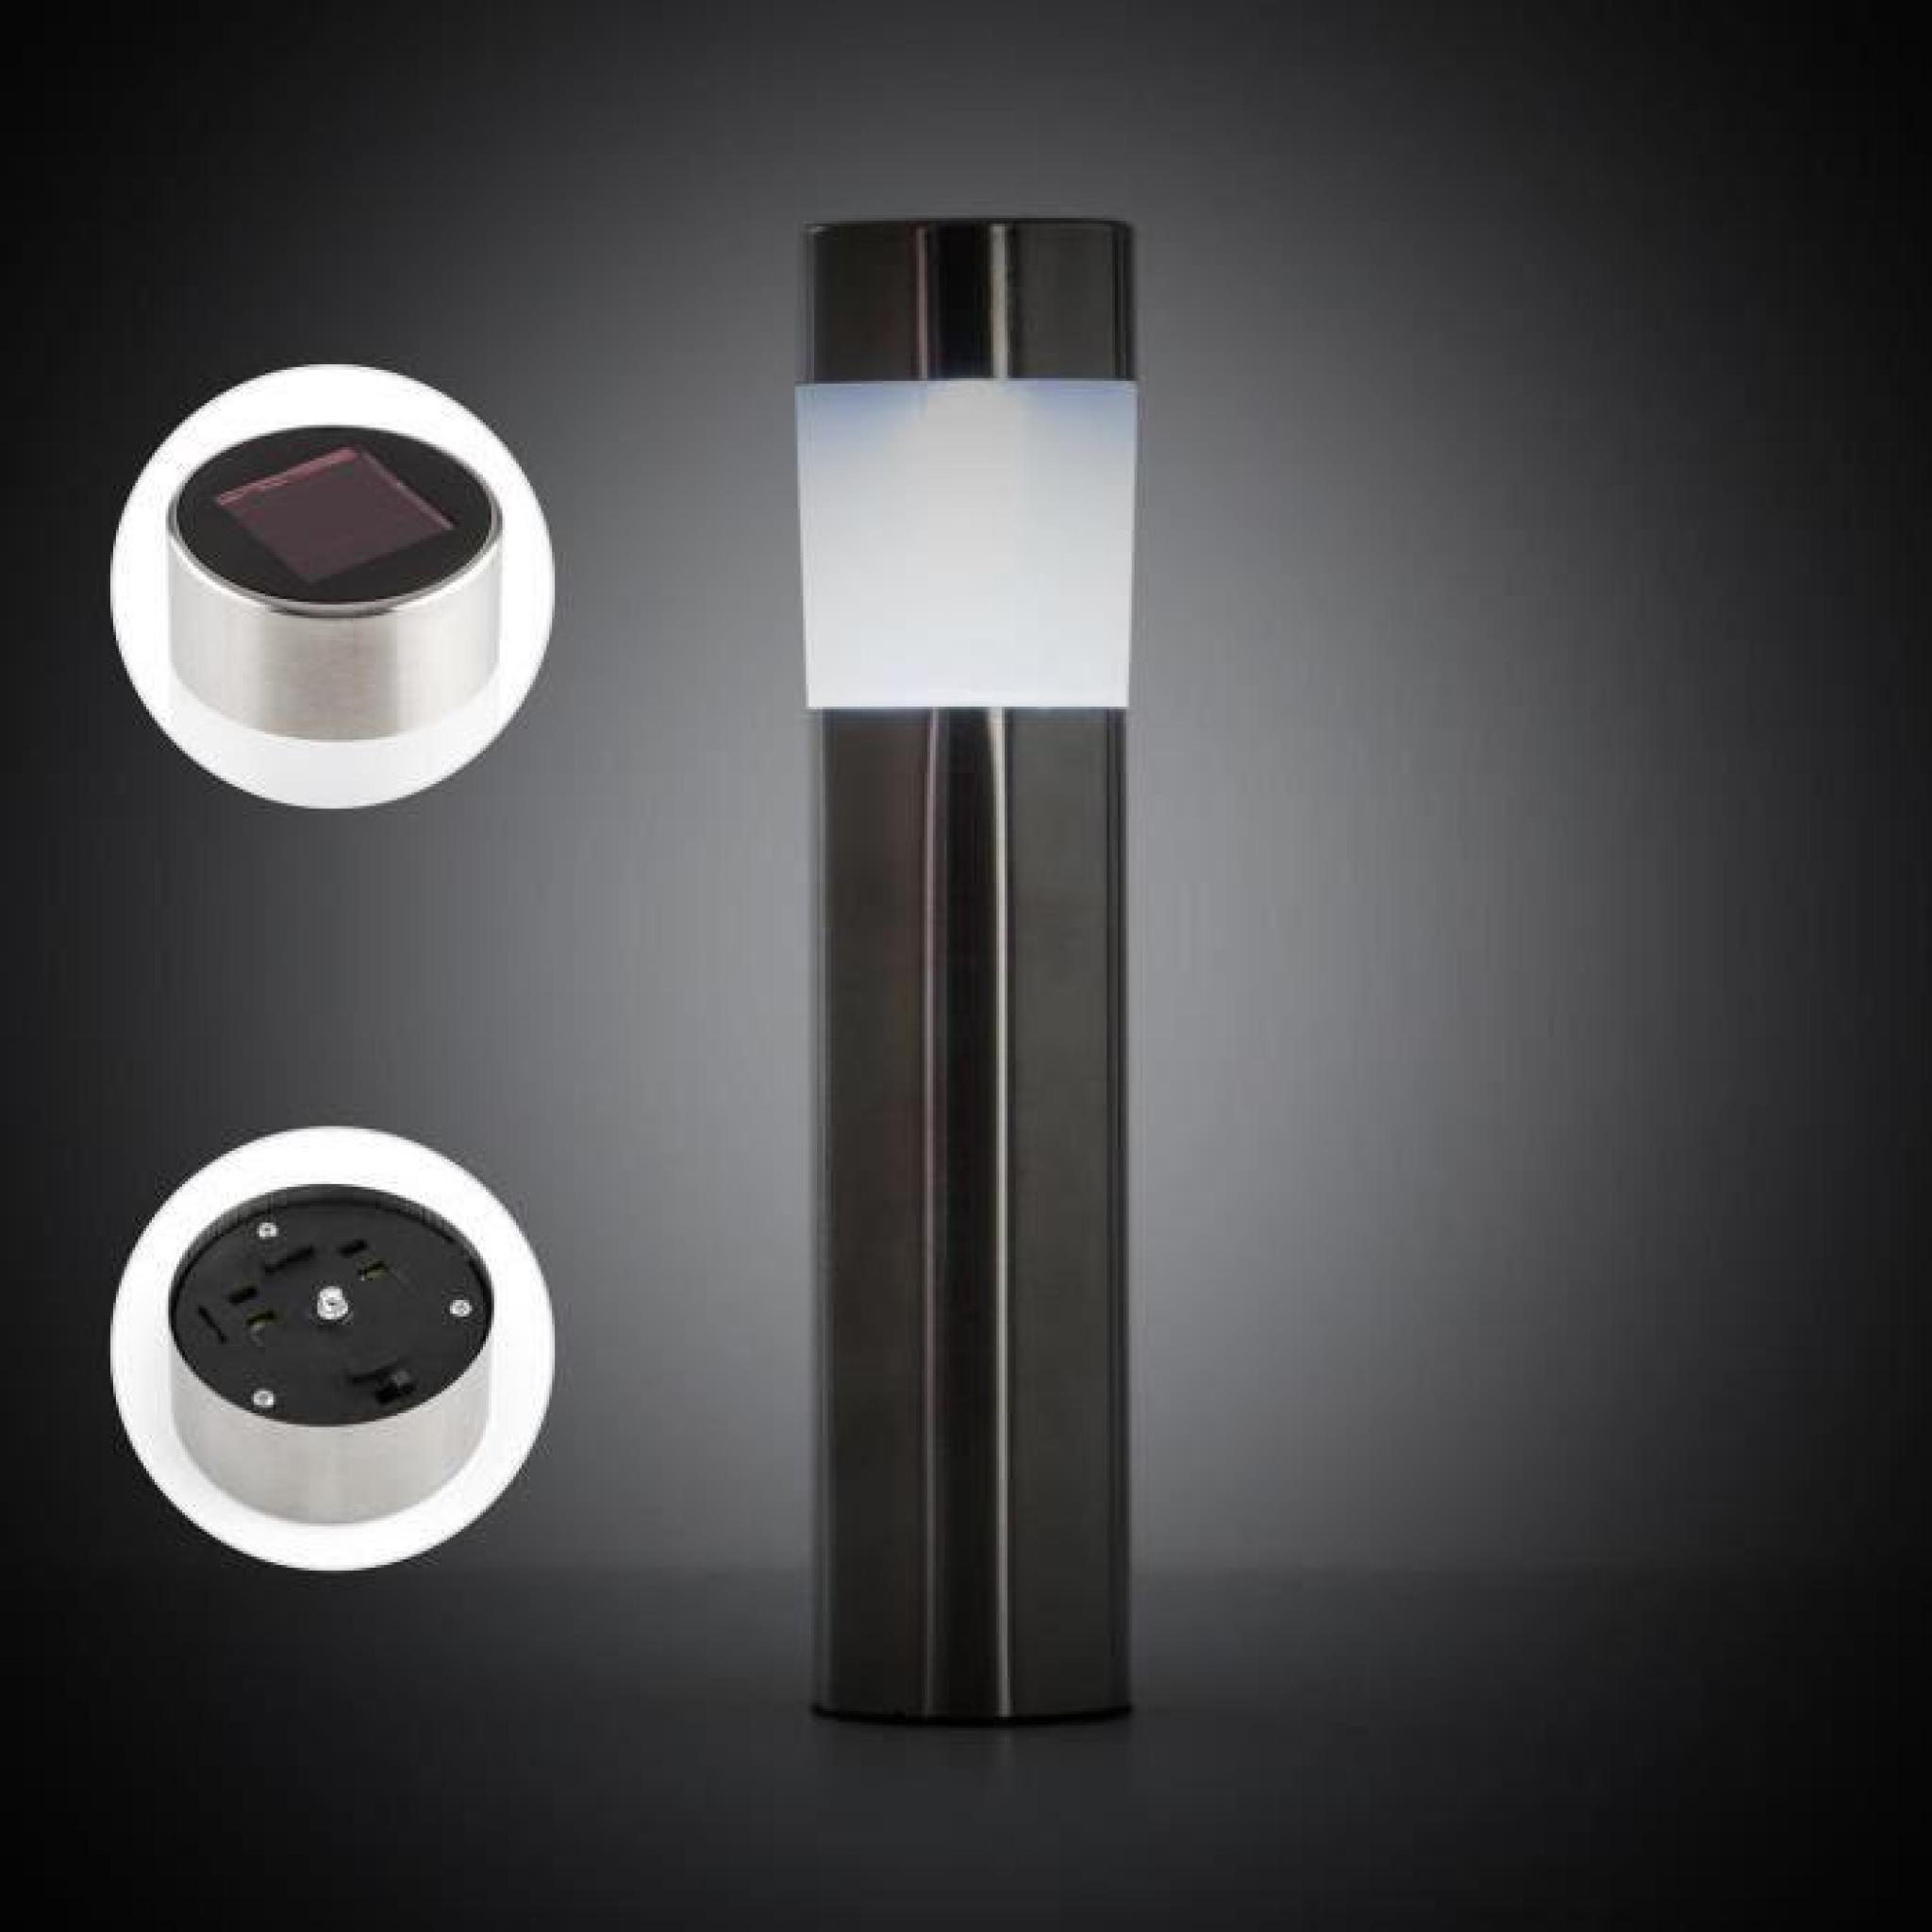 Blumdeldt Vitus Set de lampes solaires pour chemins en inox avec ...